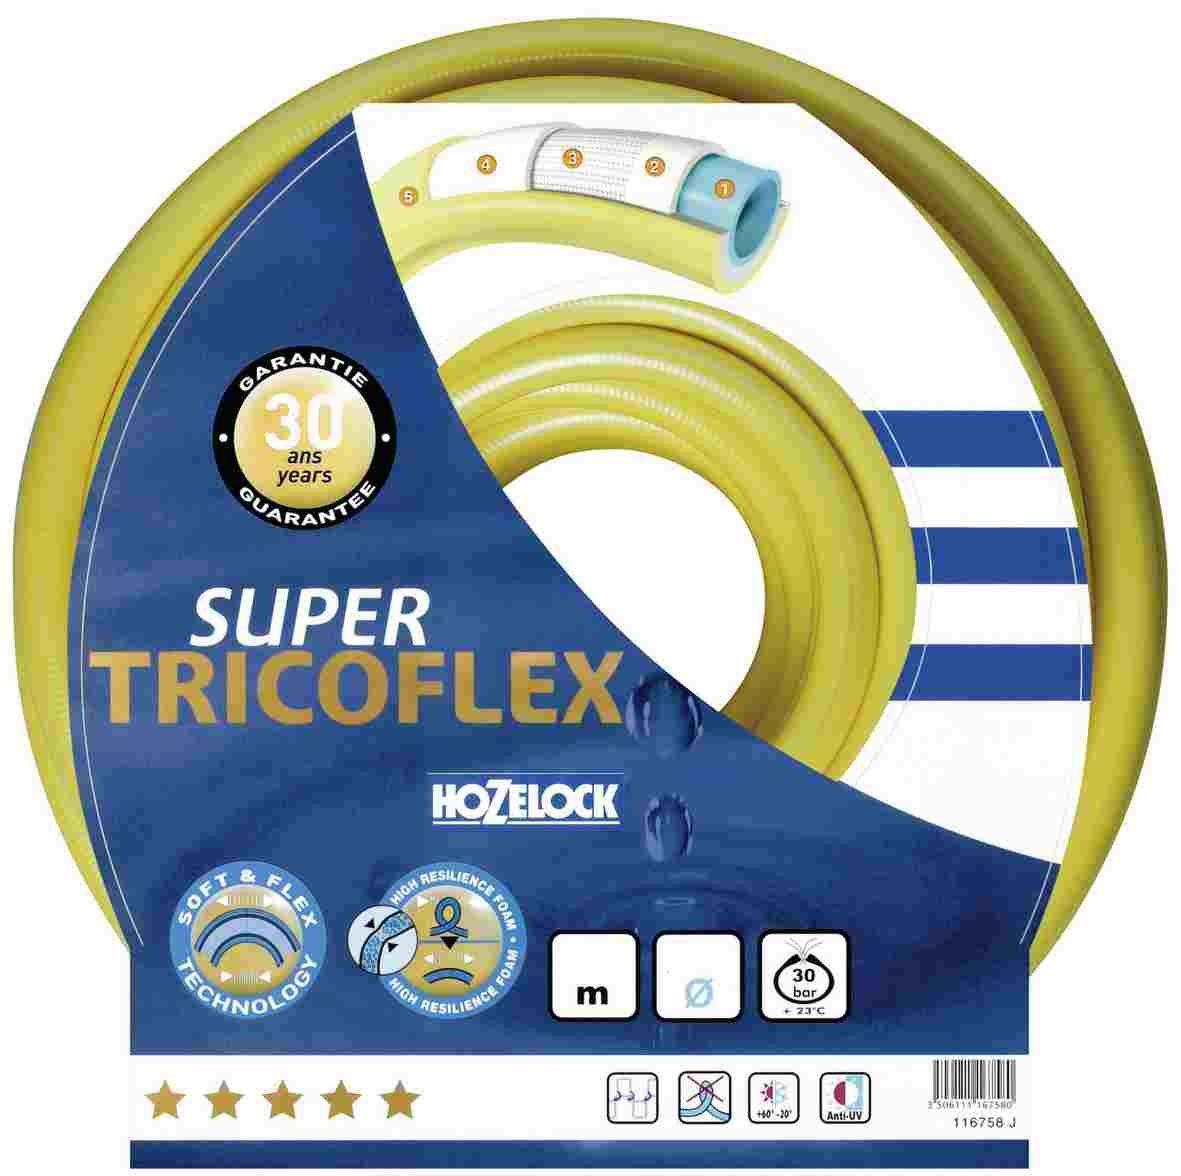 Super Tricoflex 048291 Wasserschlauch 1 Zoll, 50 m  GartenKundenbewertung und Beschreibung